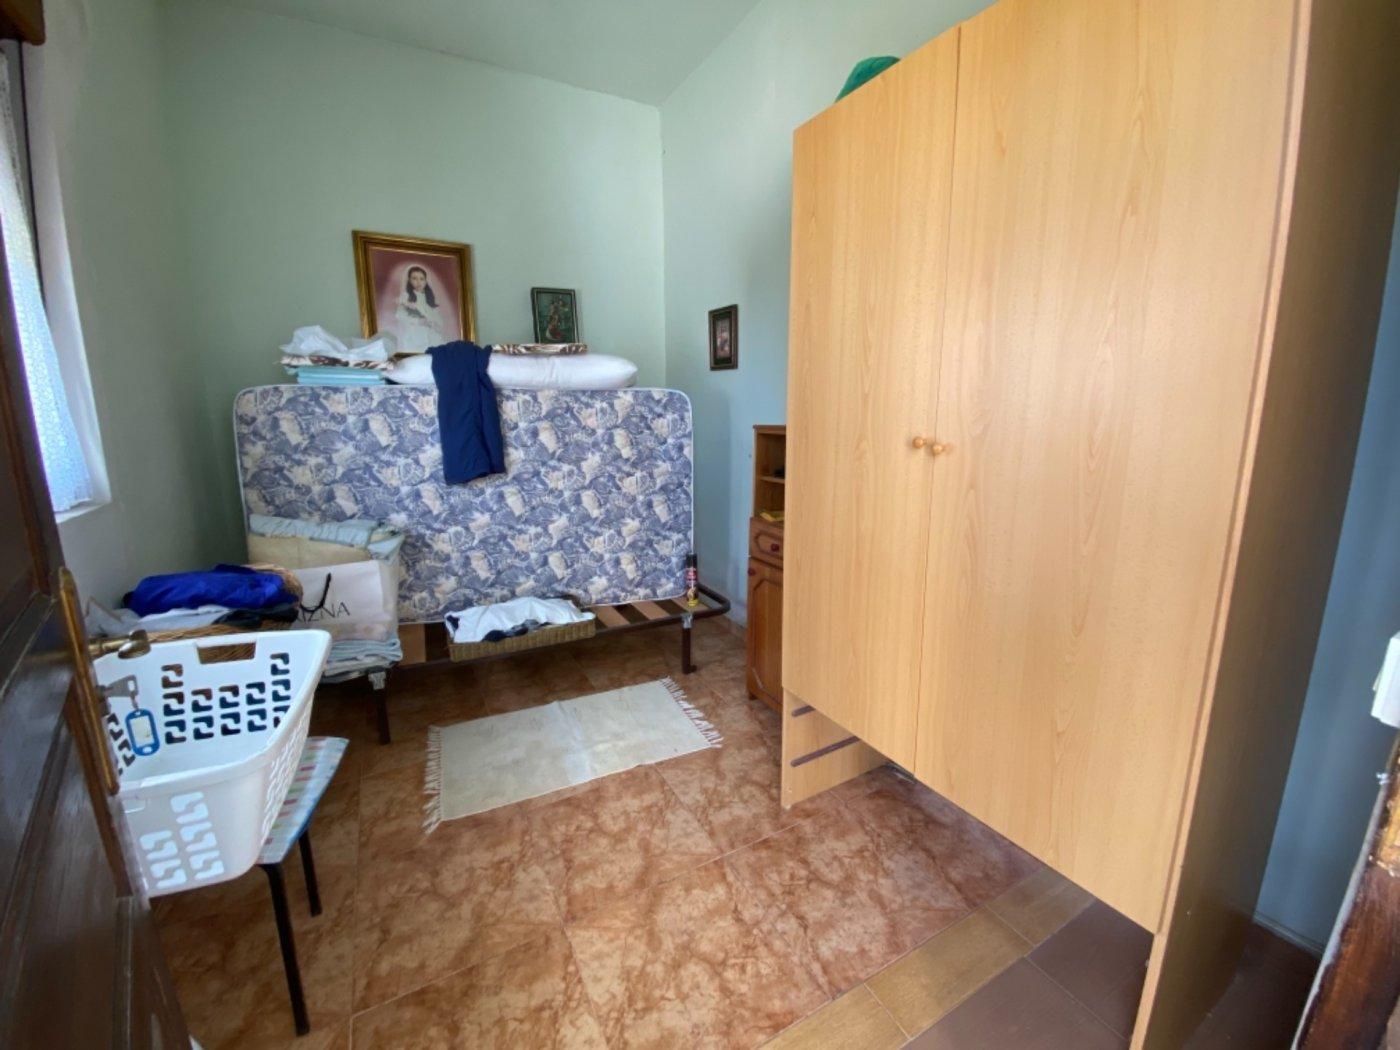 Casa zona piscinas de siero - imagenInmueble14